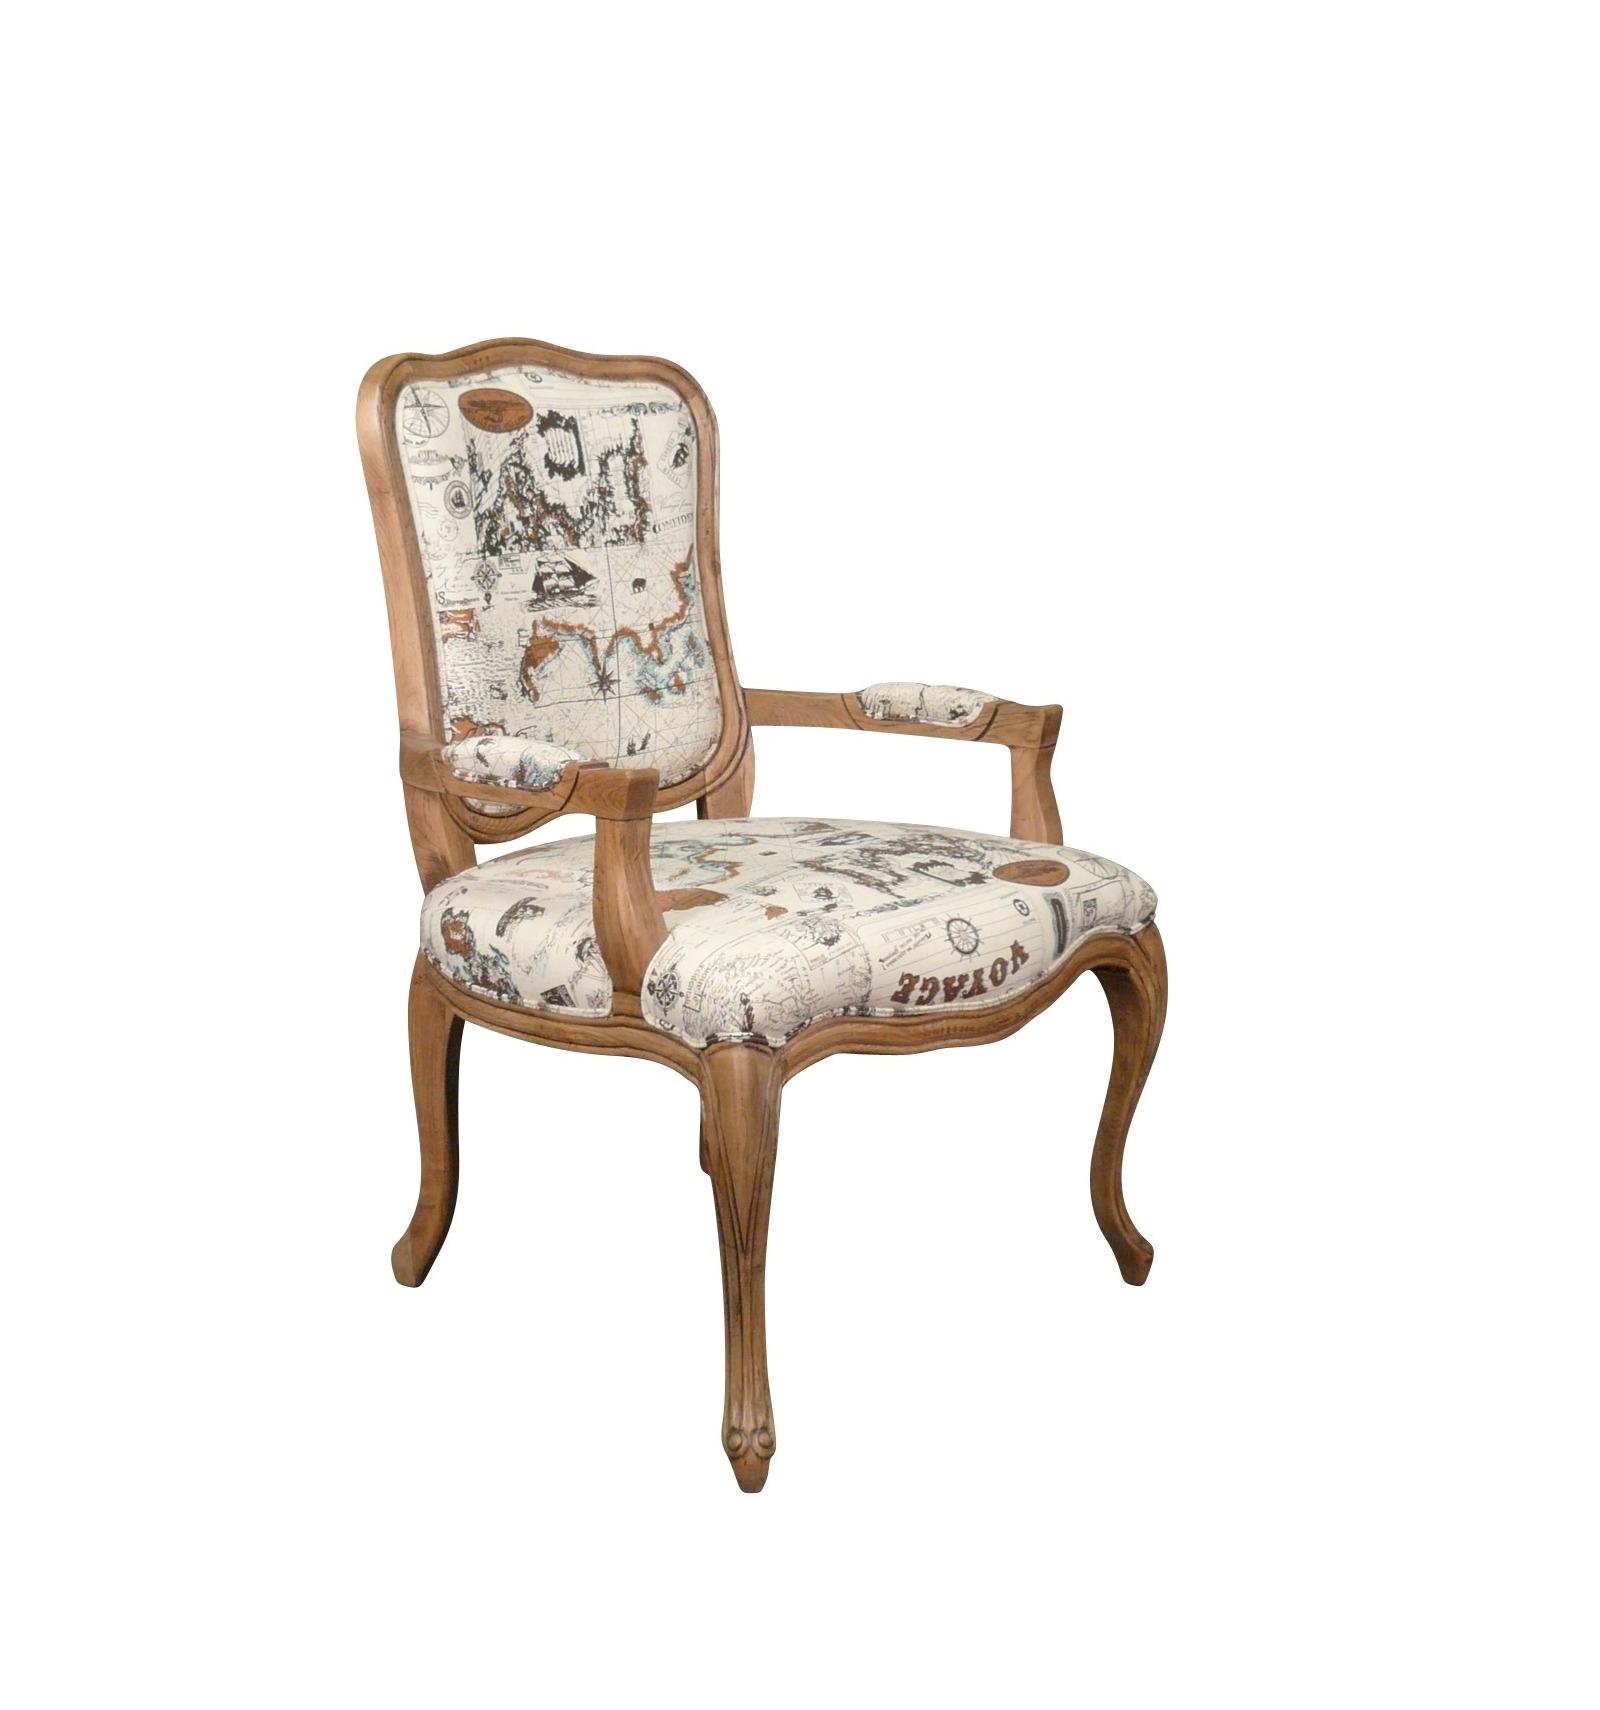 fauteuil louis xv en ch ne fauteuil louis xvi. Black Bedroom Furniture Sets. Home Design Ideas